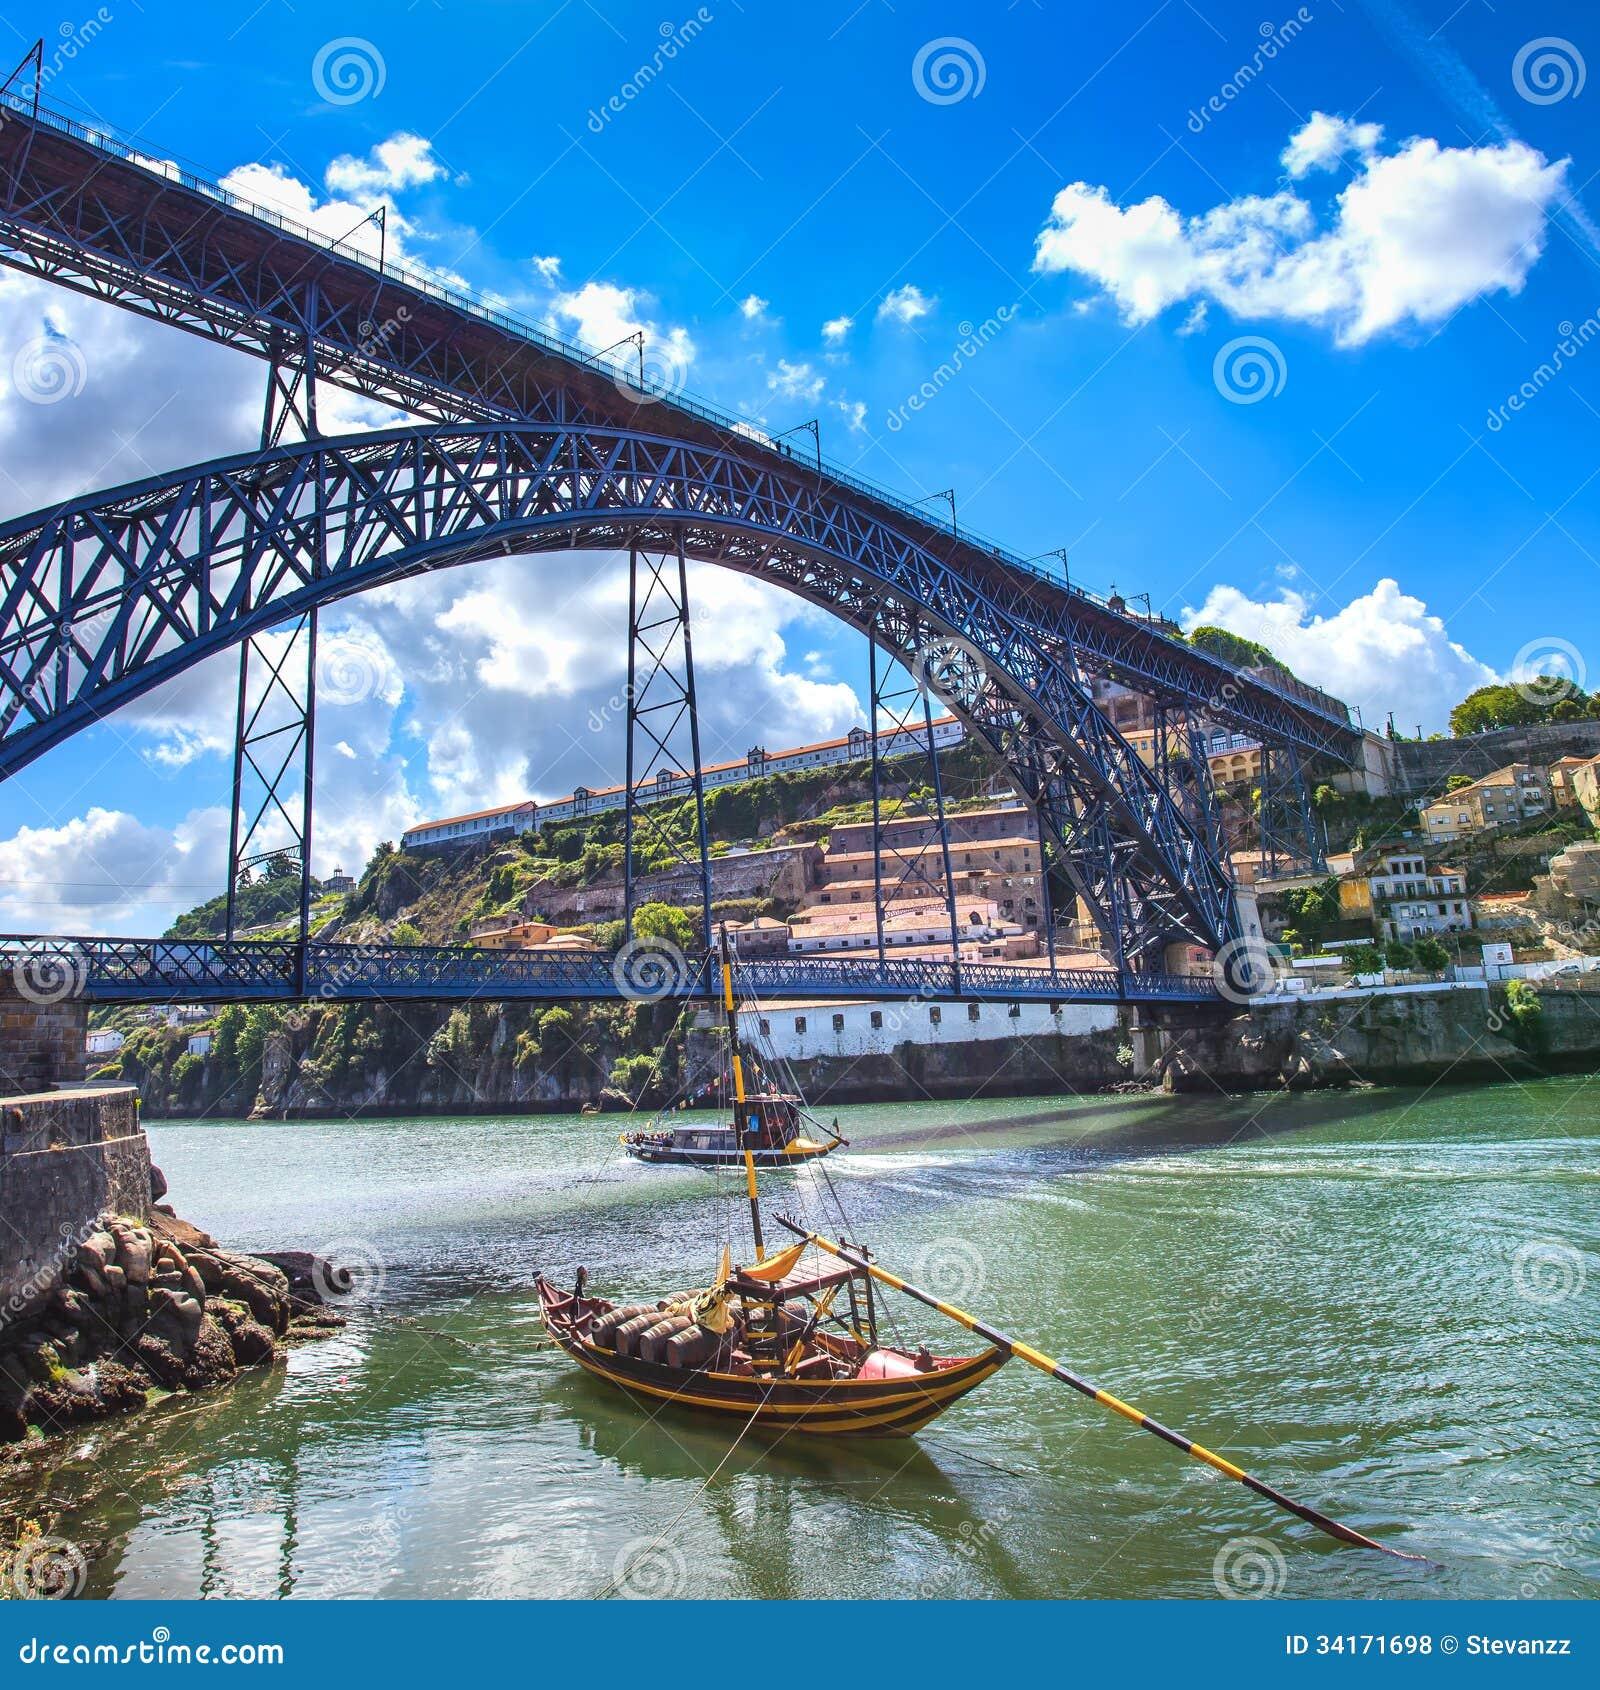 Oporto lub Porto linia horyzontu Douro rzeka, łodzie i żelazo most. Portugalia, Europa.